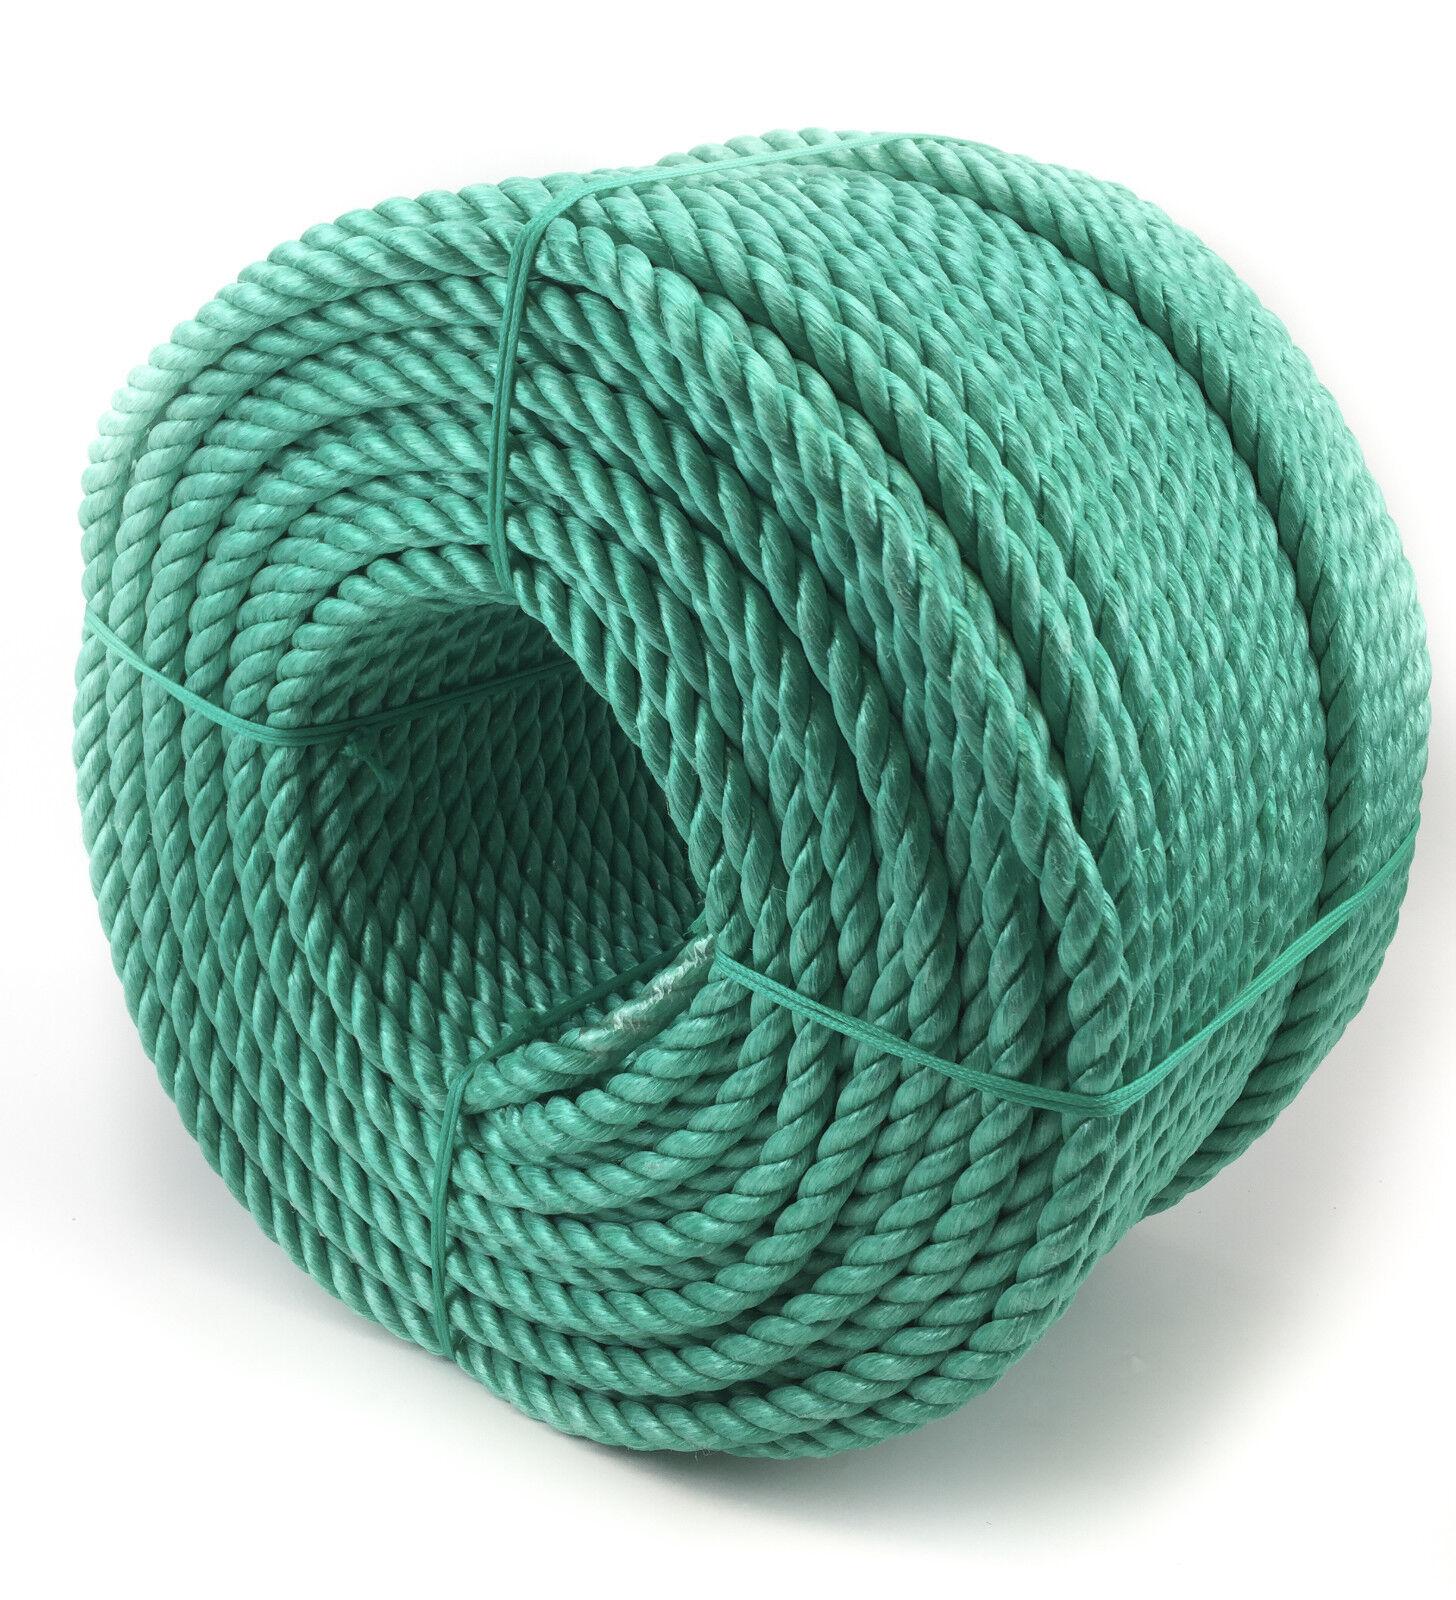 20mm grün Polypropylen Seil 220 Meter, Poly-Seil Rollen, preiswert Nylon Seil